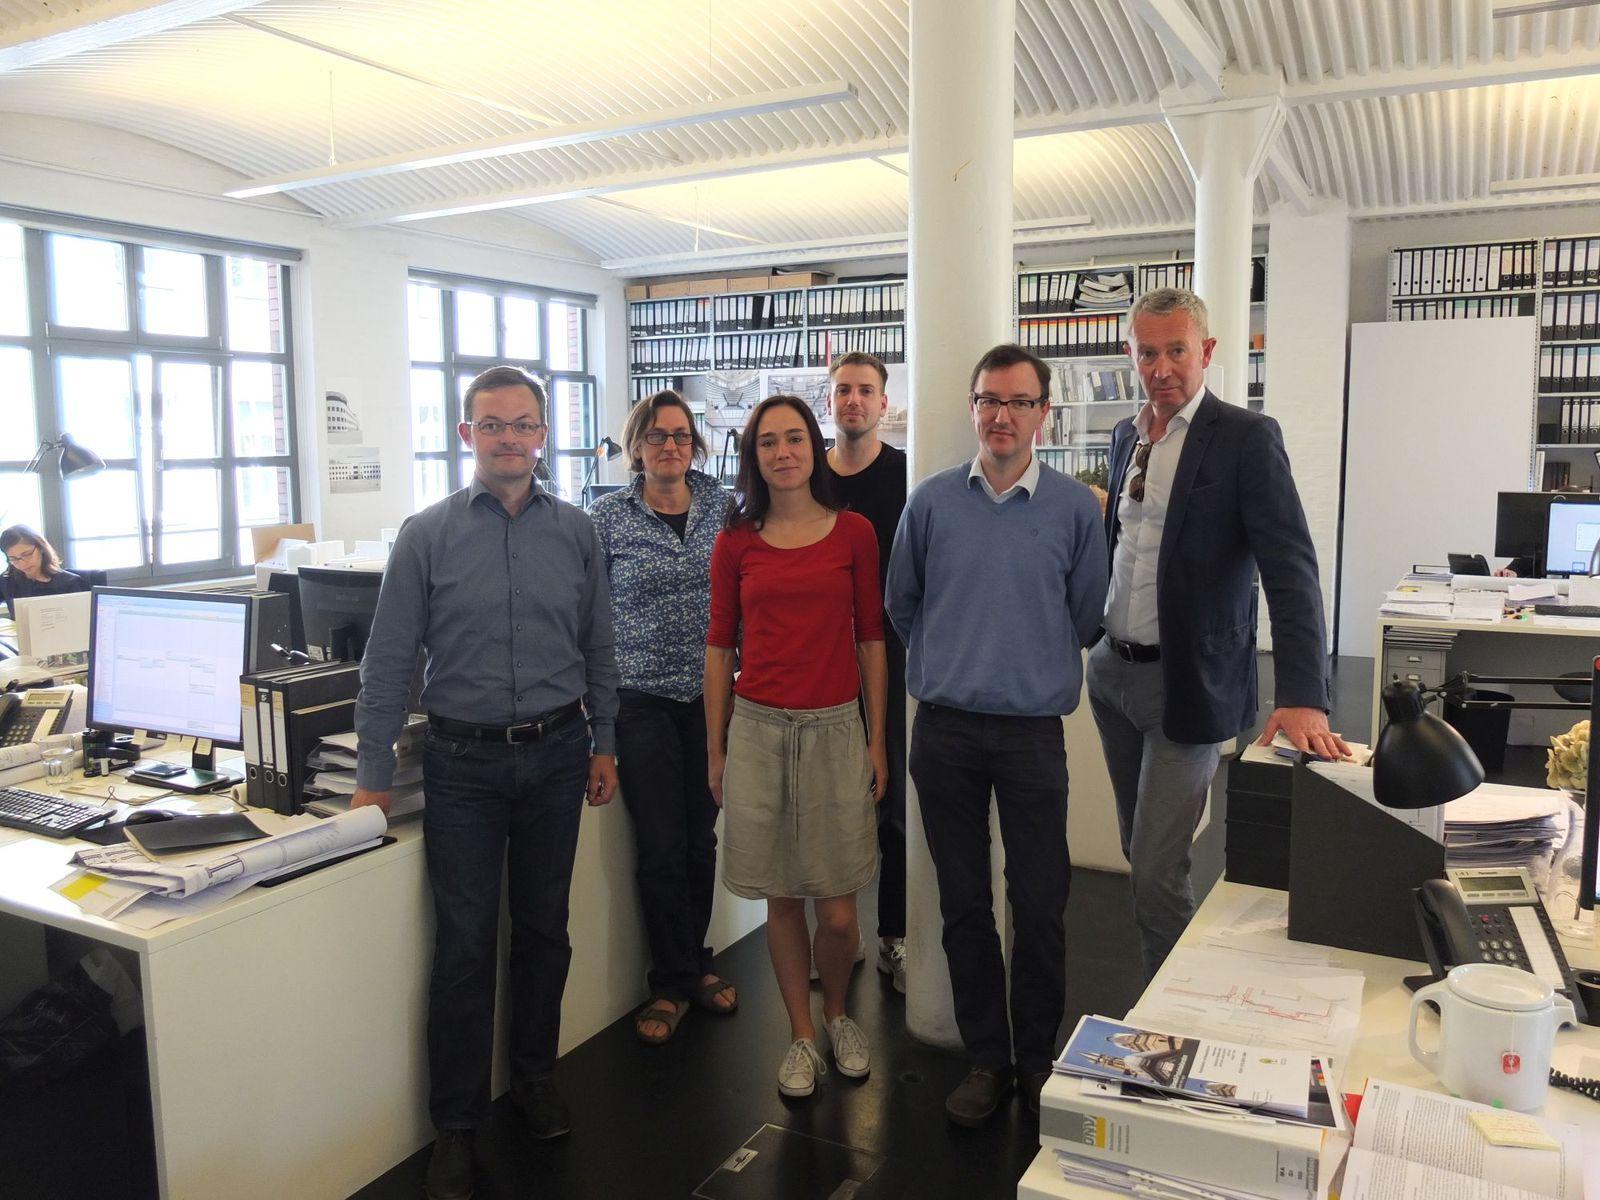 Das Projektteam für die Neue Nationalgalerie im Büro von David Chipperfield Architects. Foto: schmedding.vonmarlin.